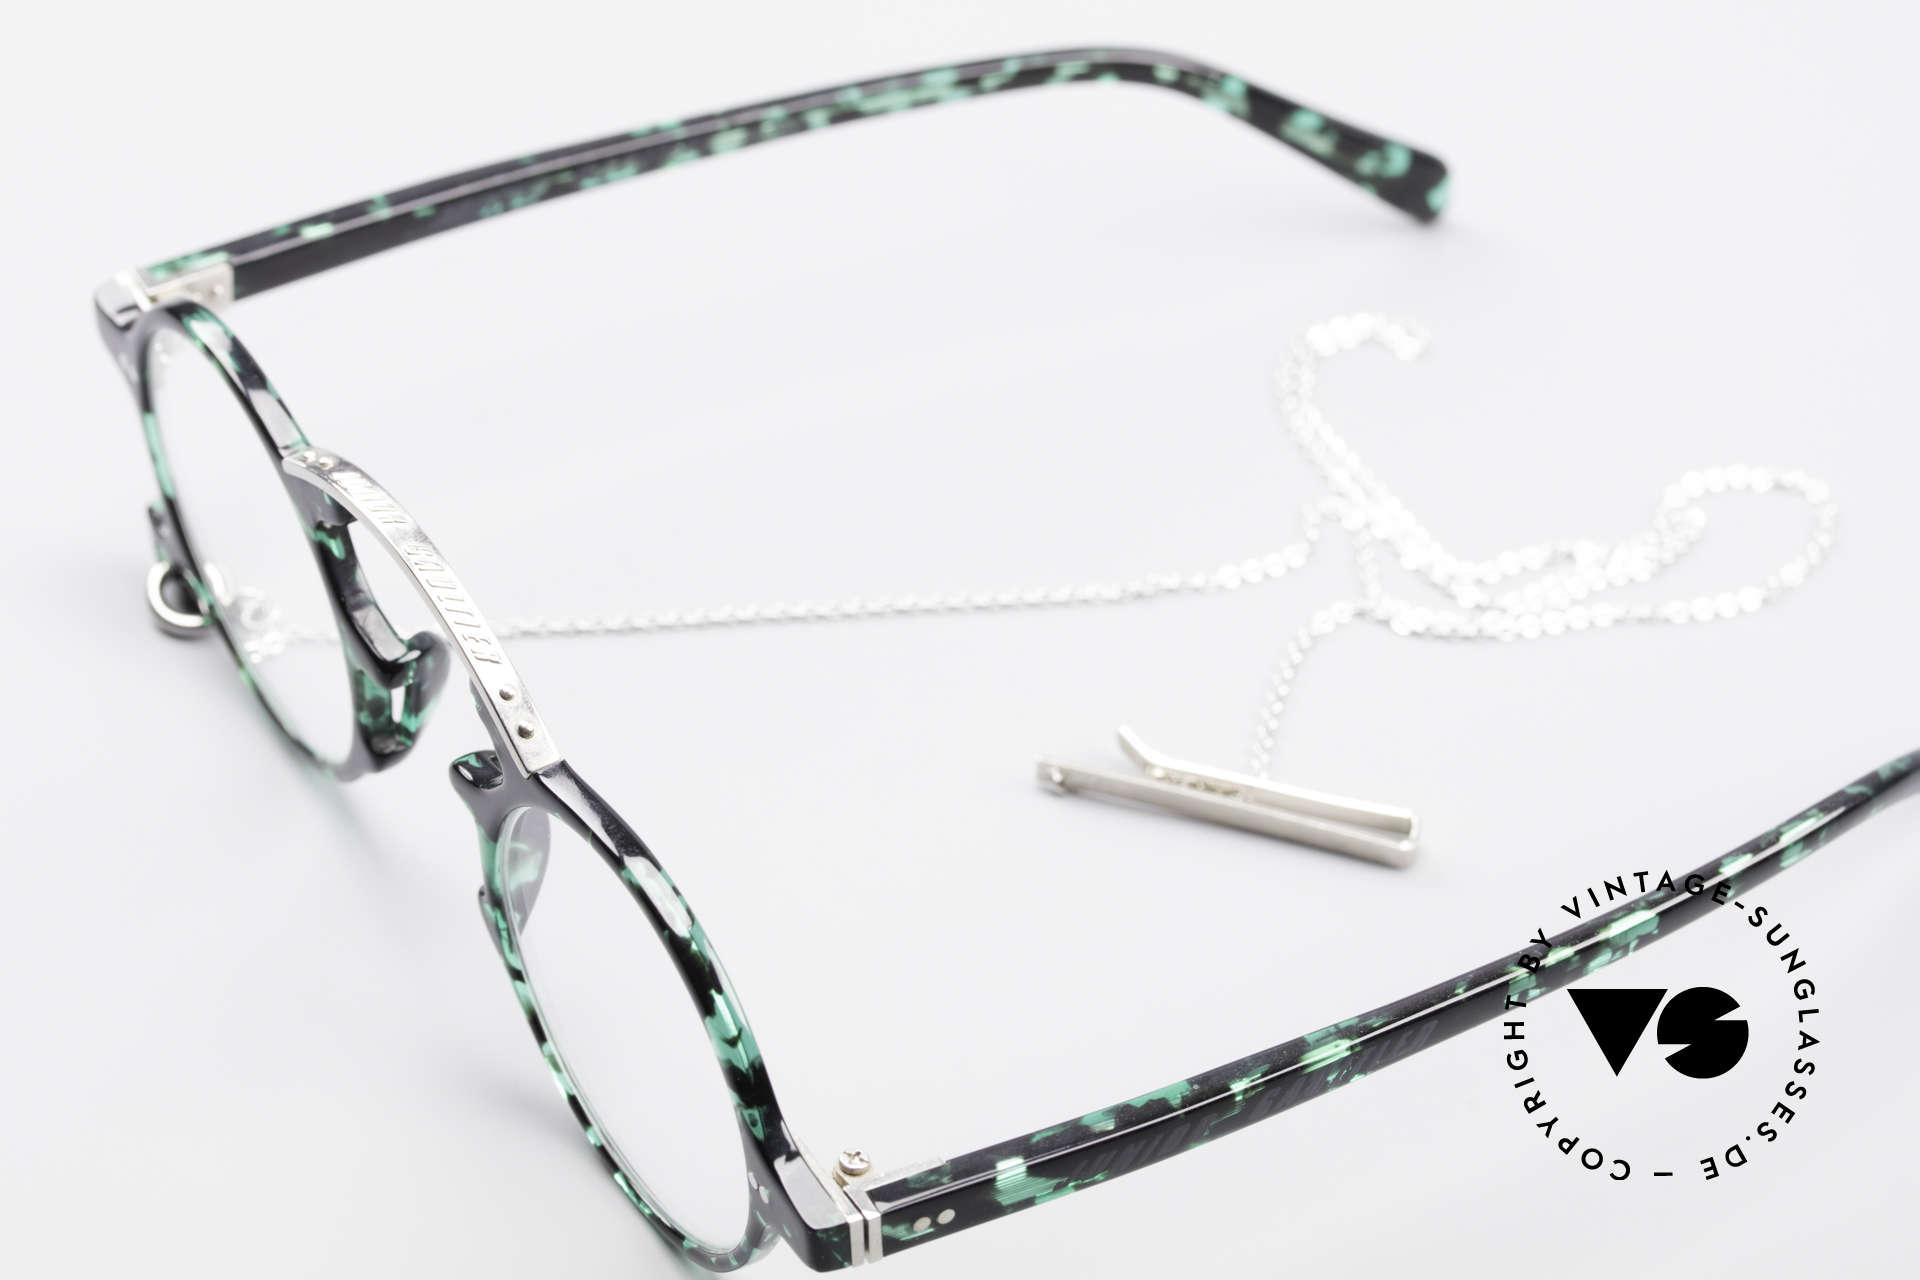 Jean Paul Gaultier 58-0271 Steampunk Vintage Brille, KEINE RETROMODE; ein seltenes Original von 1995!, Passend für Herren und Damen